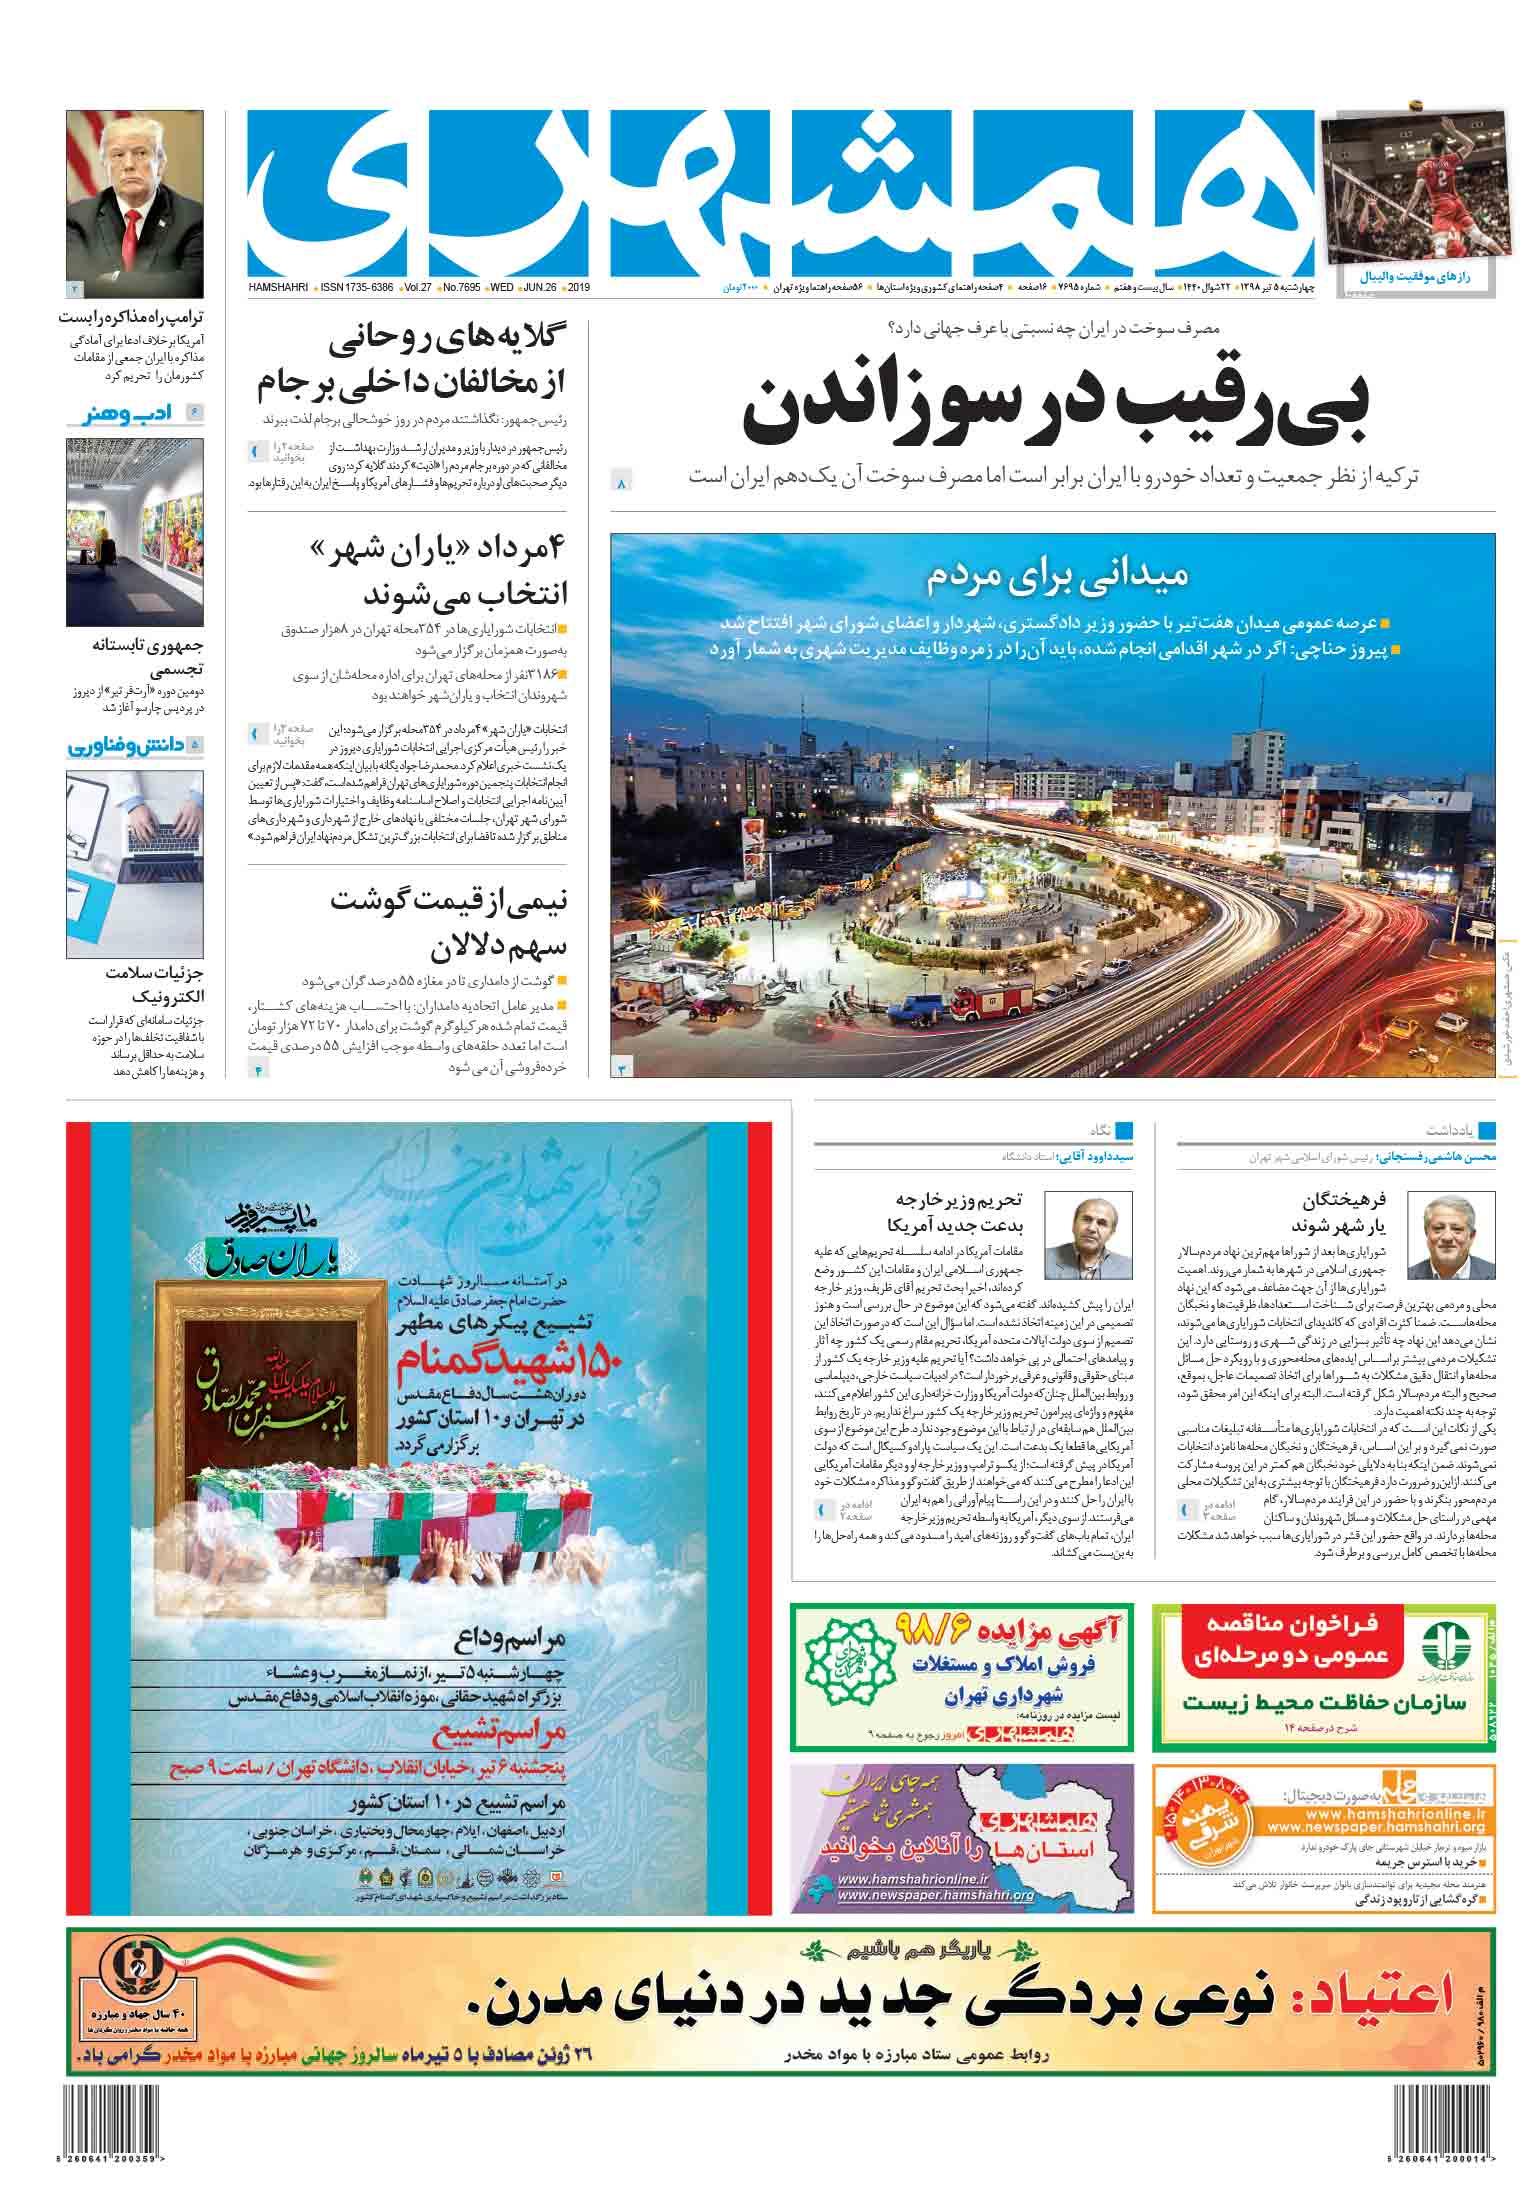 صفحه اول چهارشنبه 5 تیر 1398